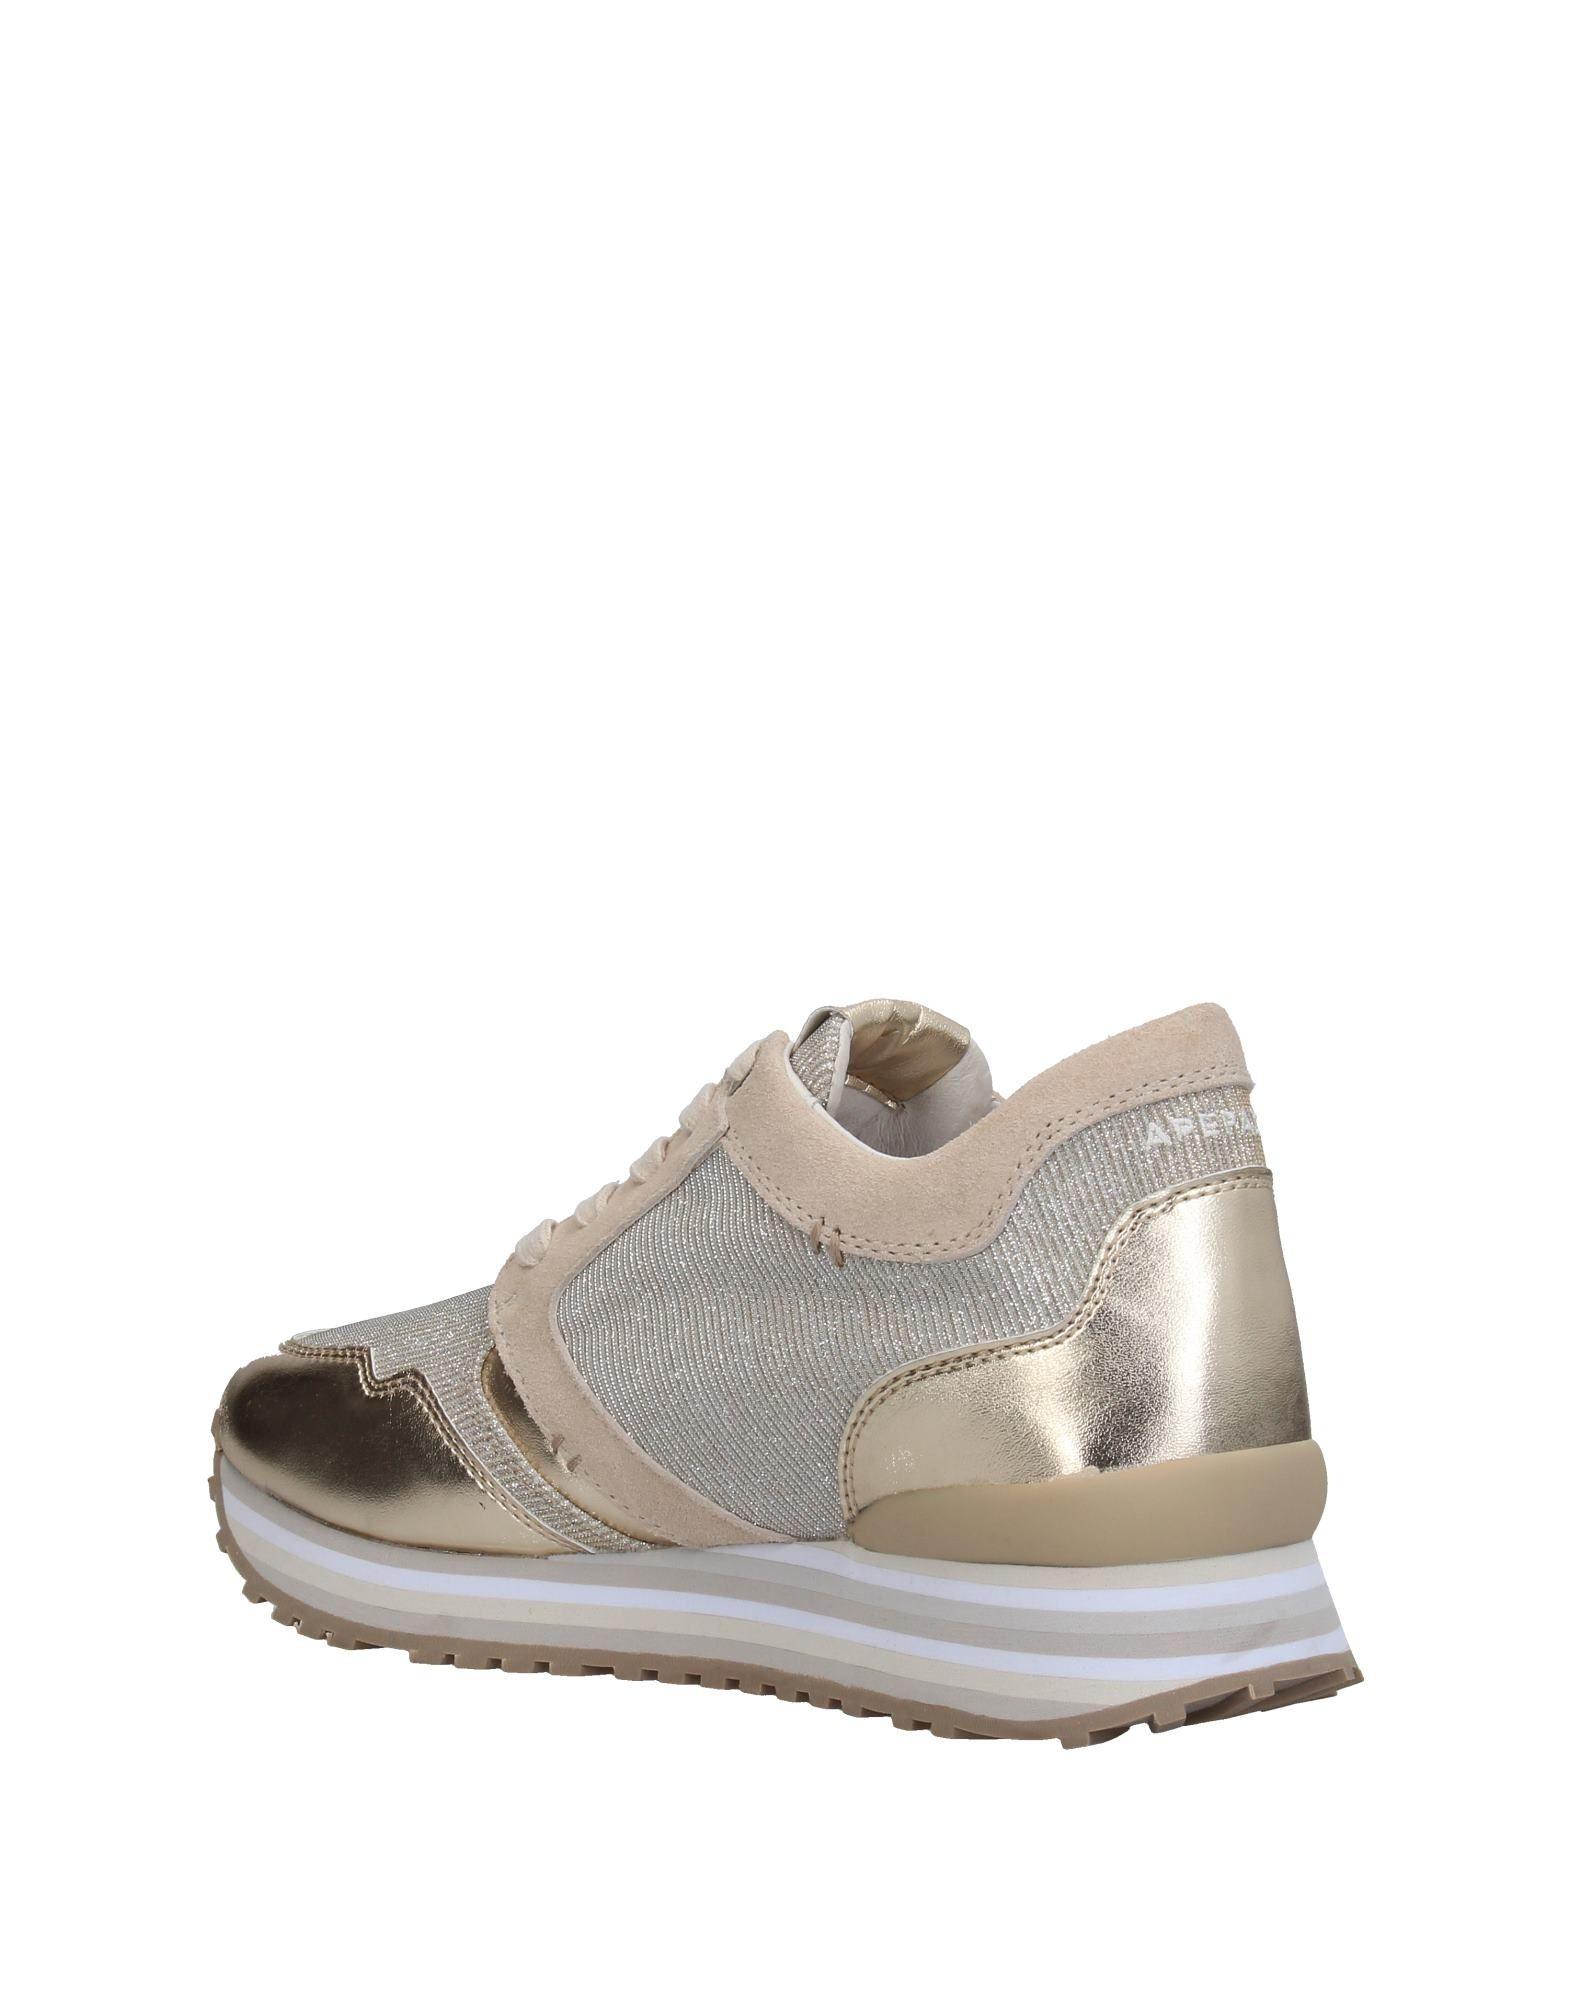 Apepazza Sneakers Damen beliebte  11393896UW Gute Qualität beliebte Damen Schuhe 2e4d15